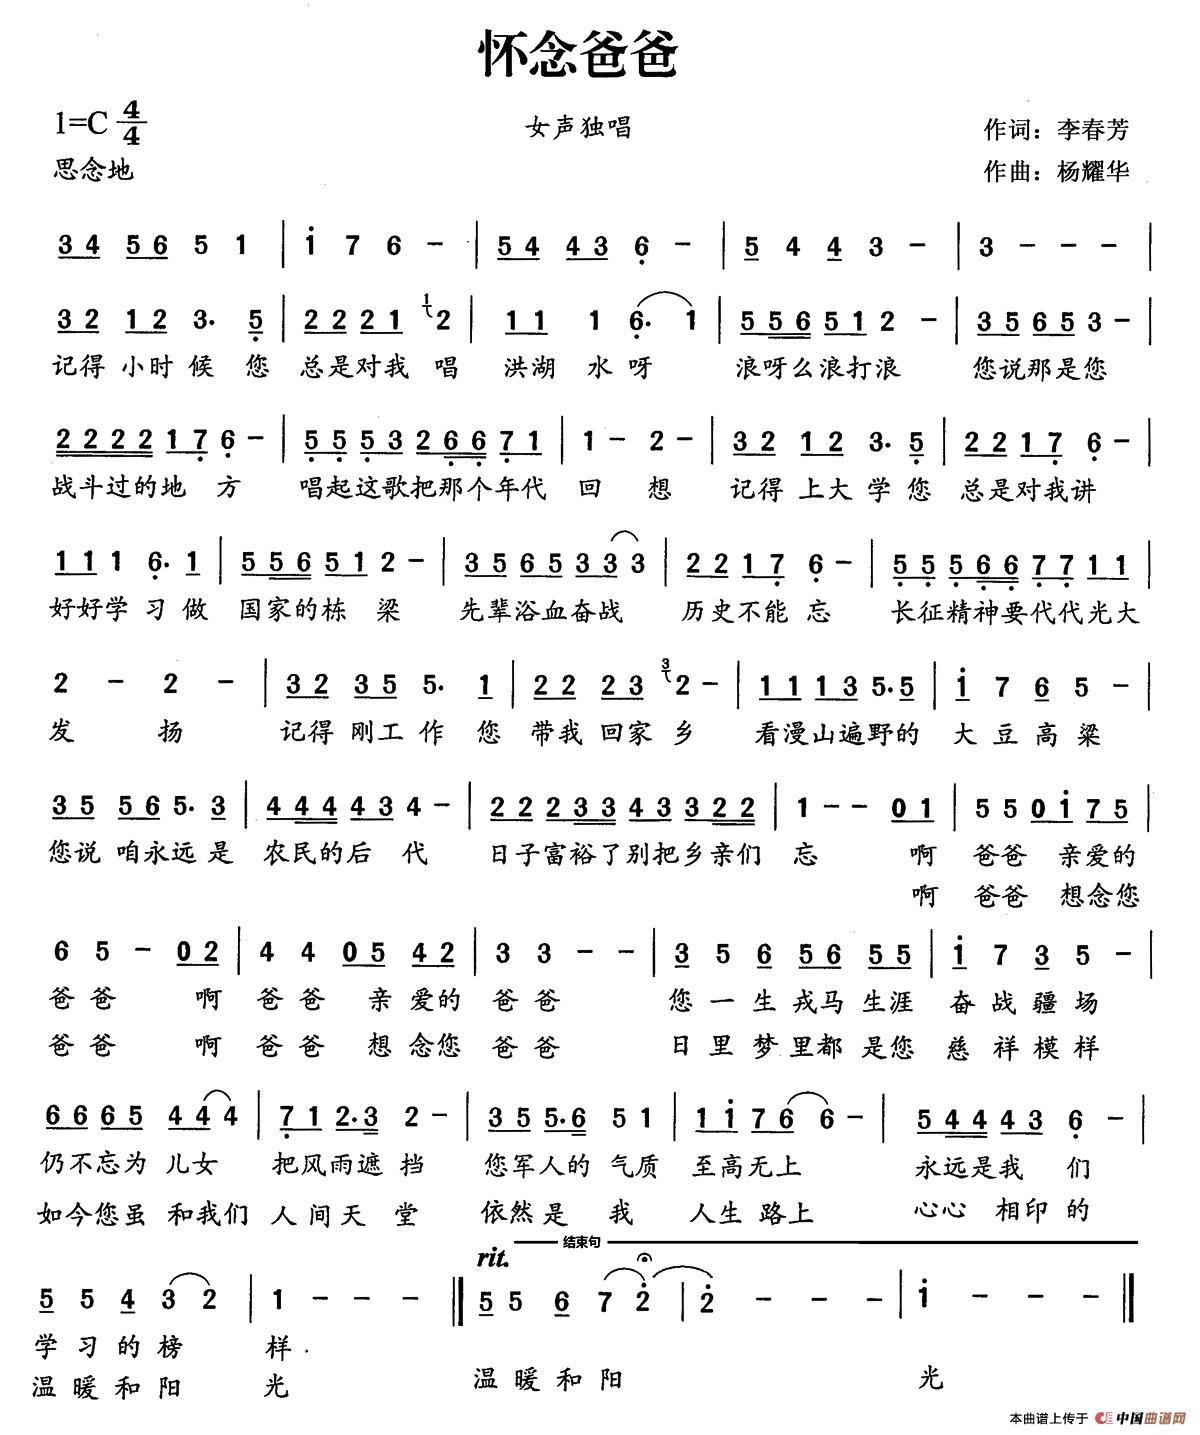 怀念爸爸简谱 民歌曲谱 中国曲谱网